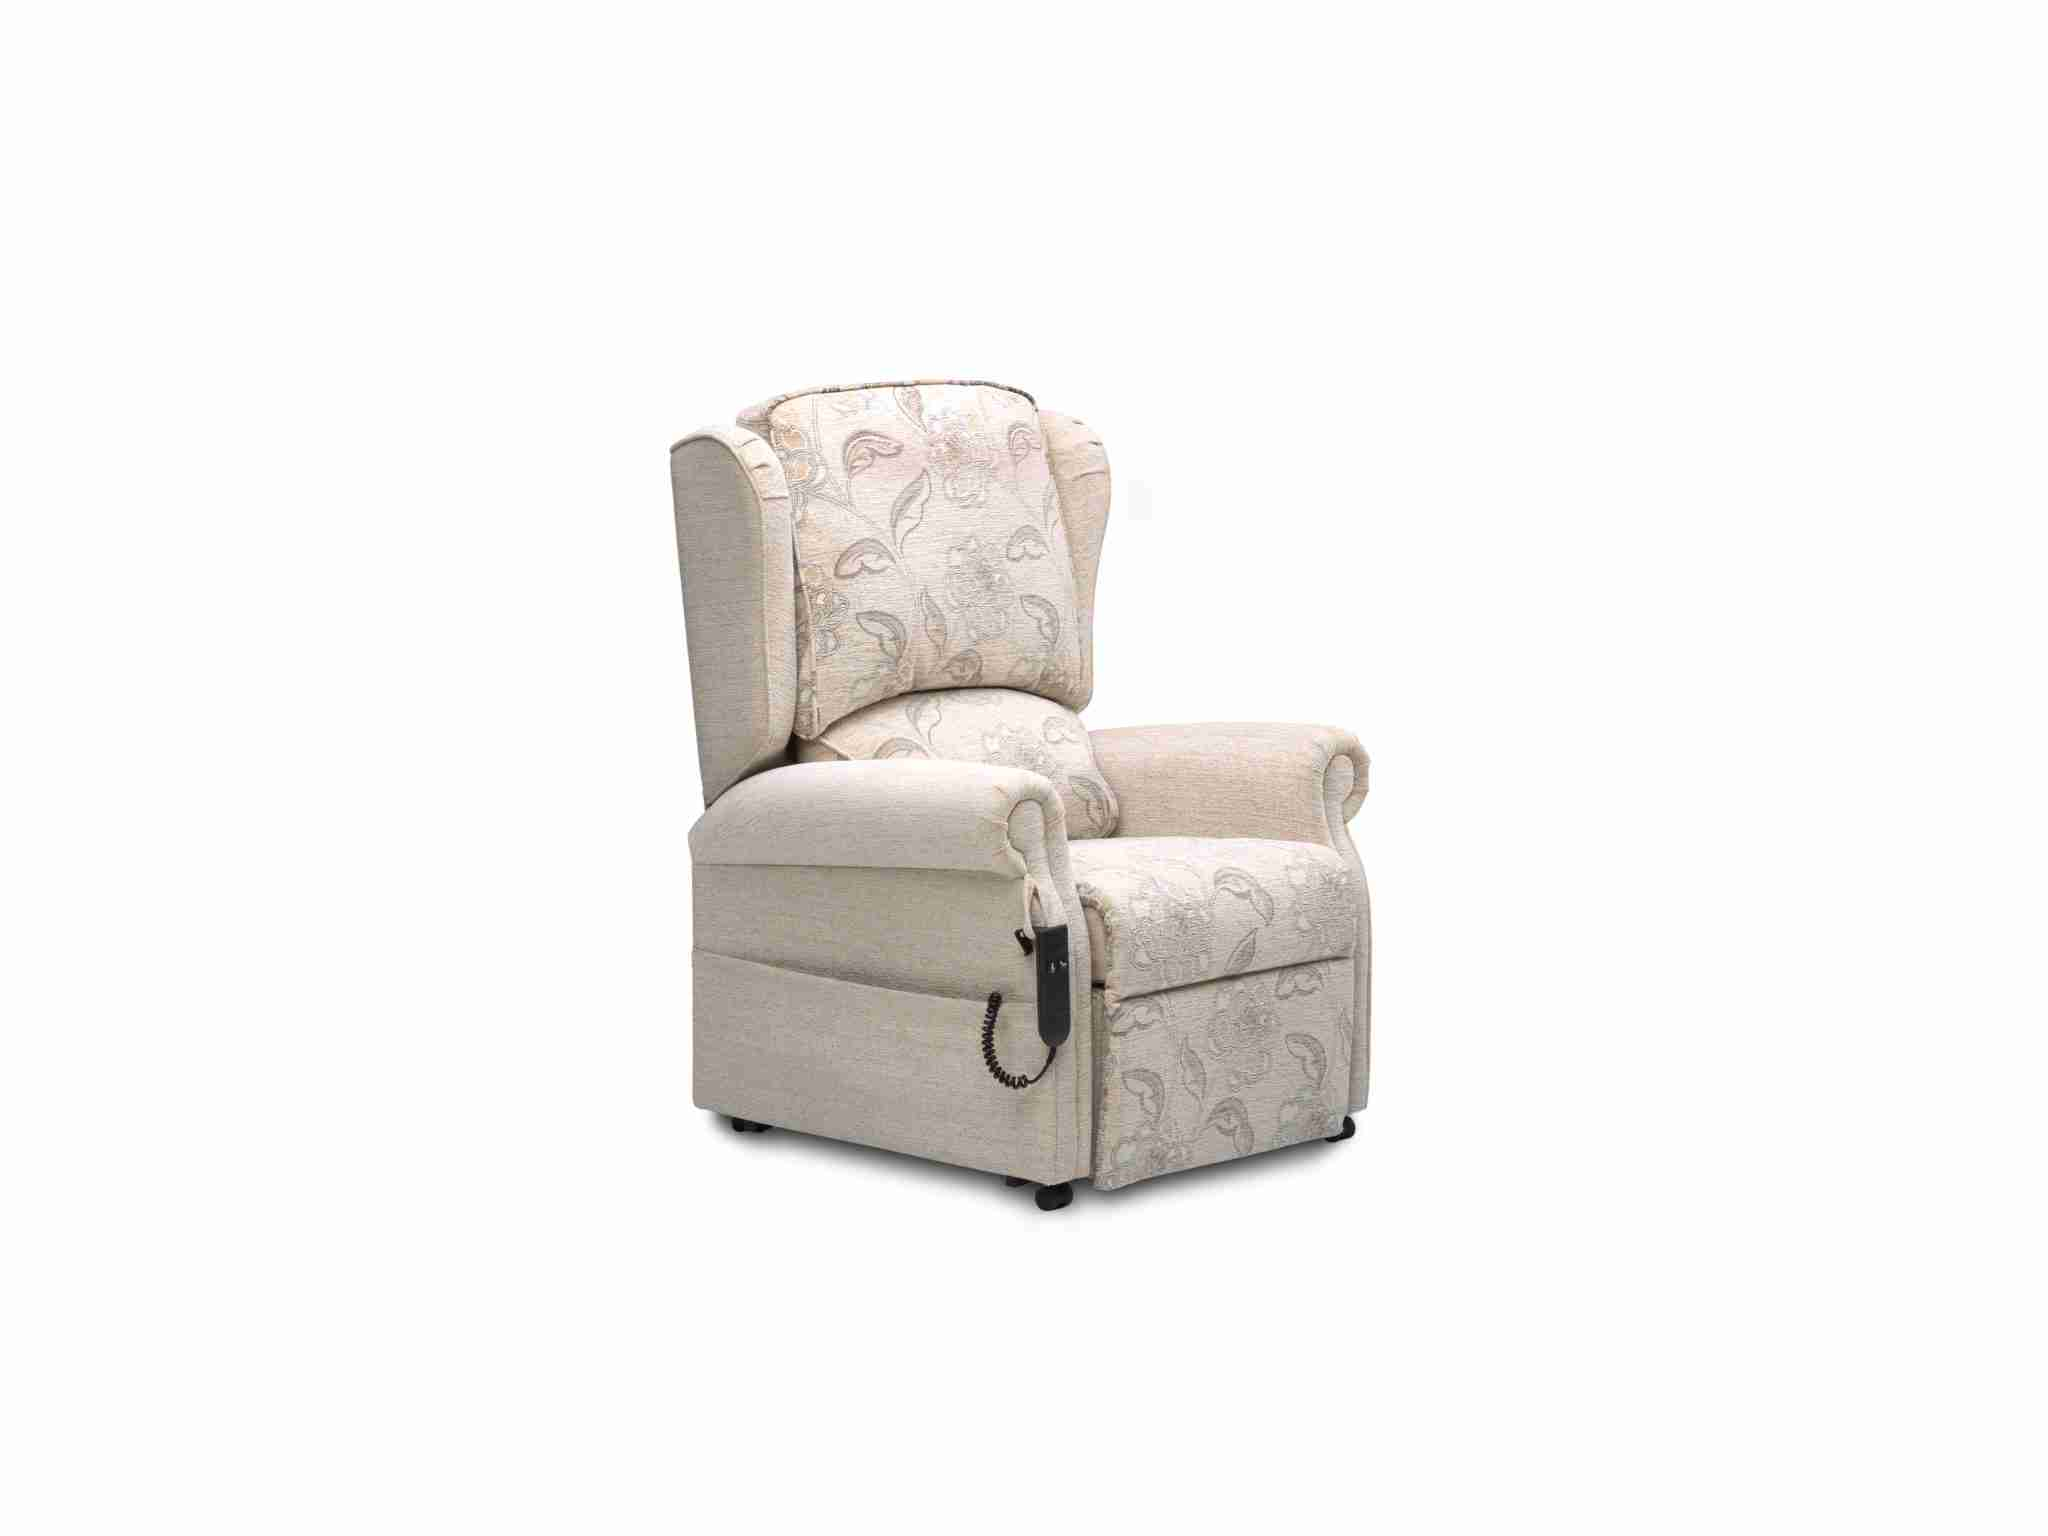 Westbury 2 Chair Repose002